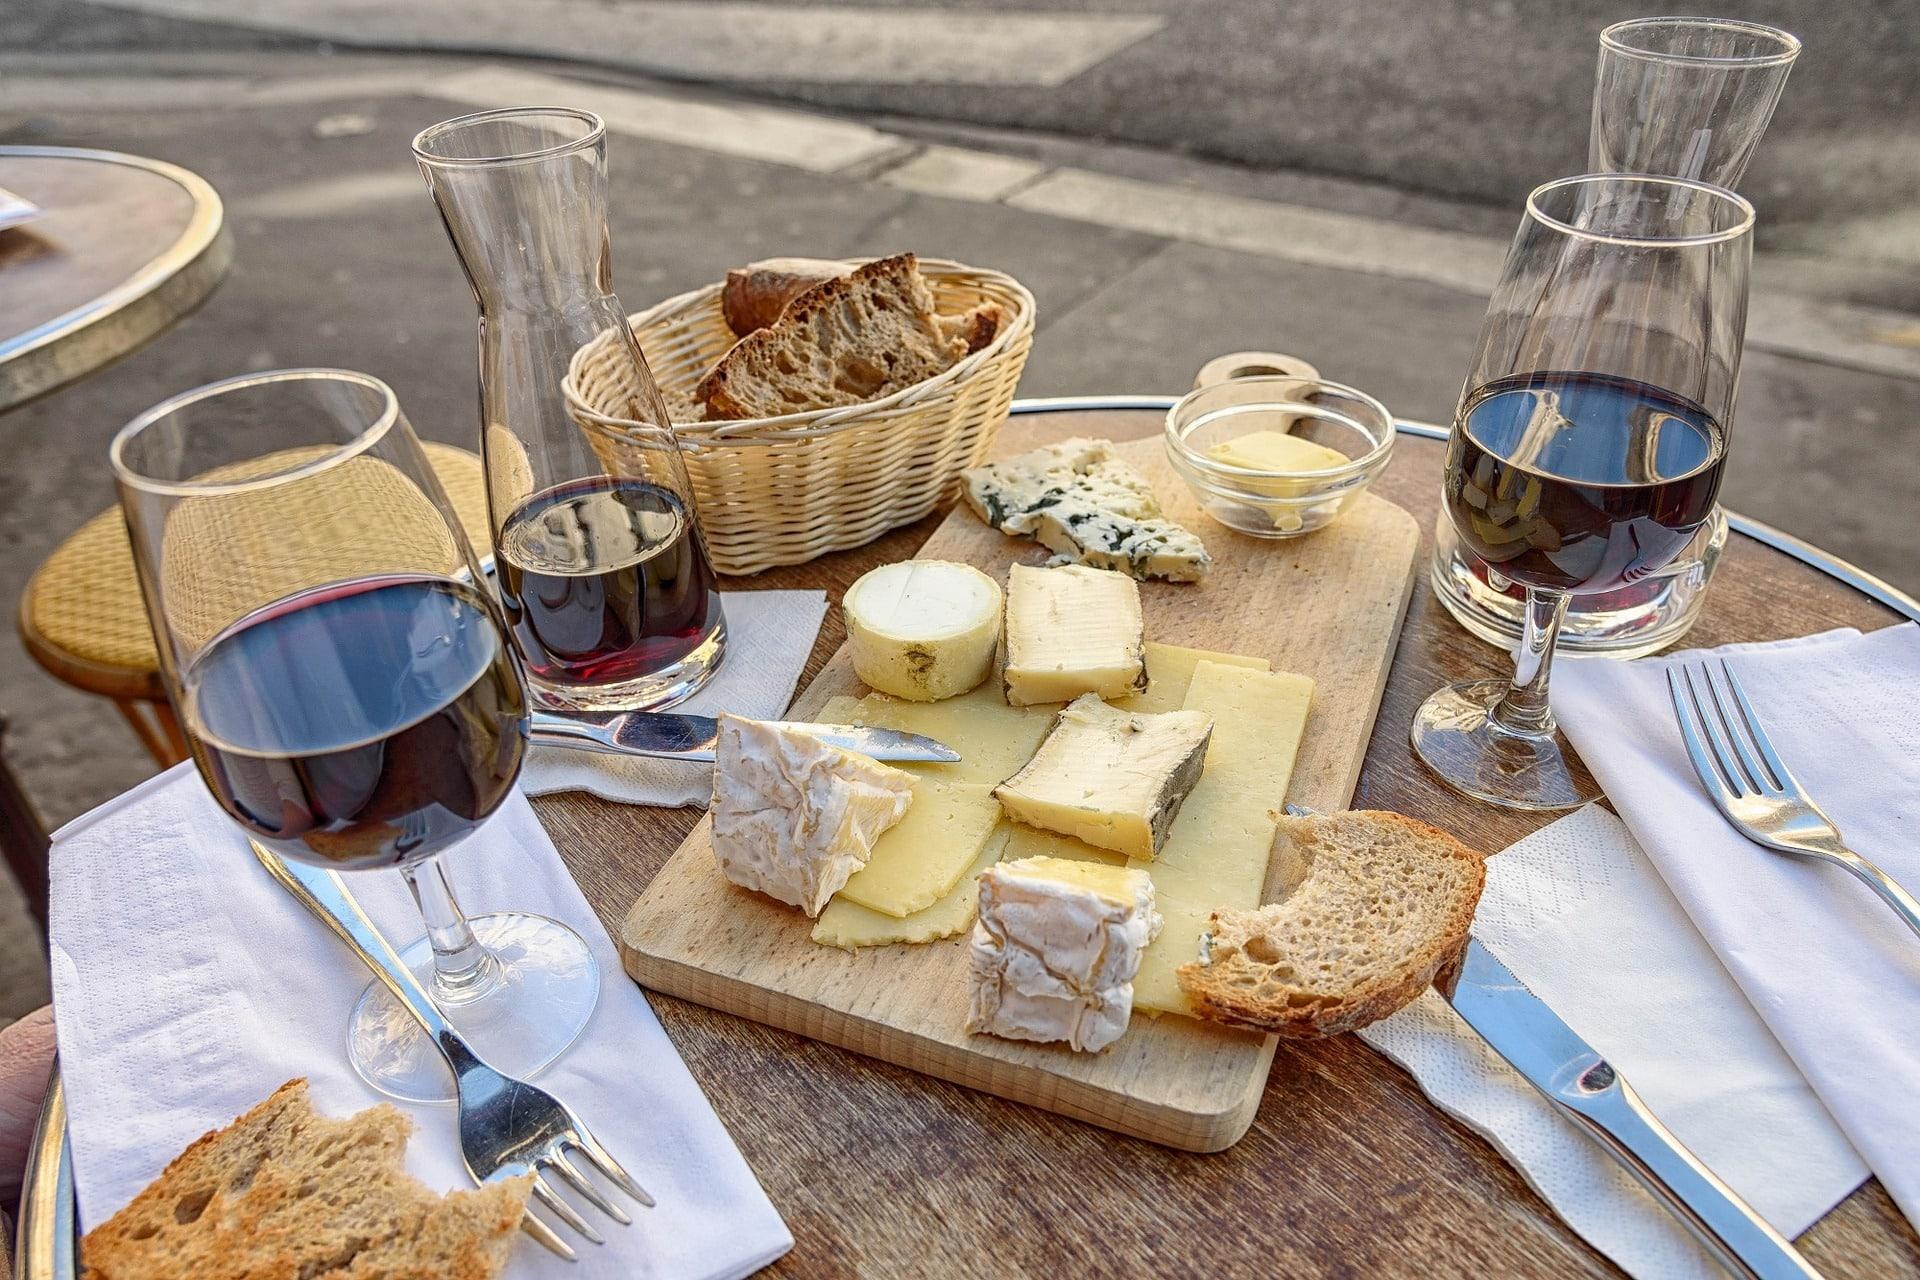 Vino e formaggi: i giusti abbinamenti